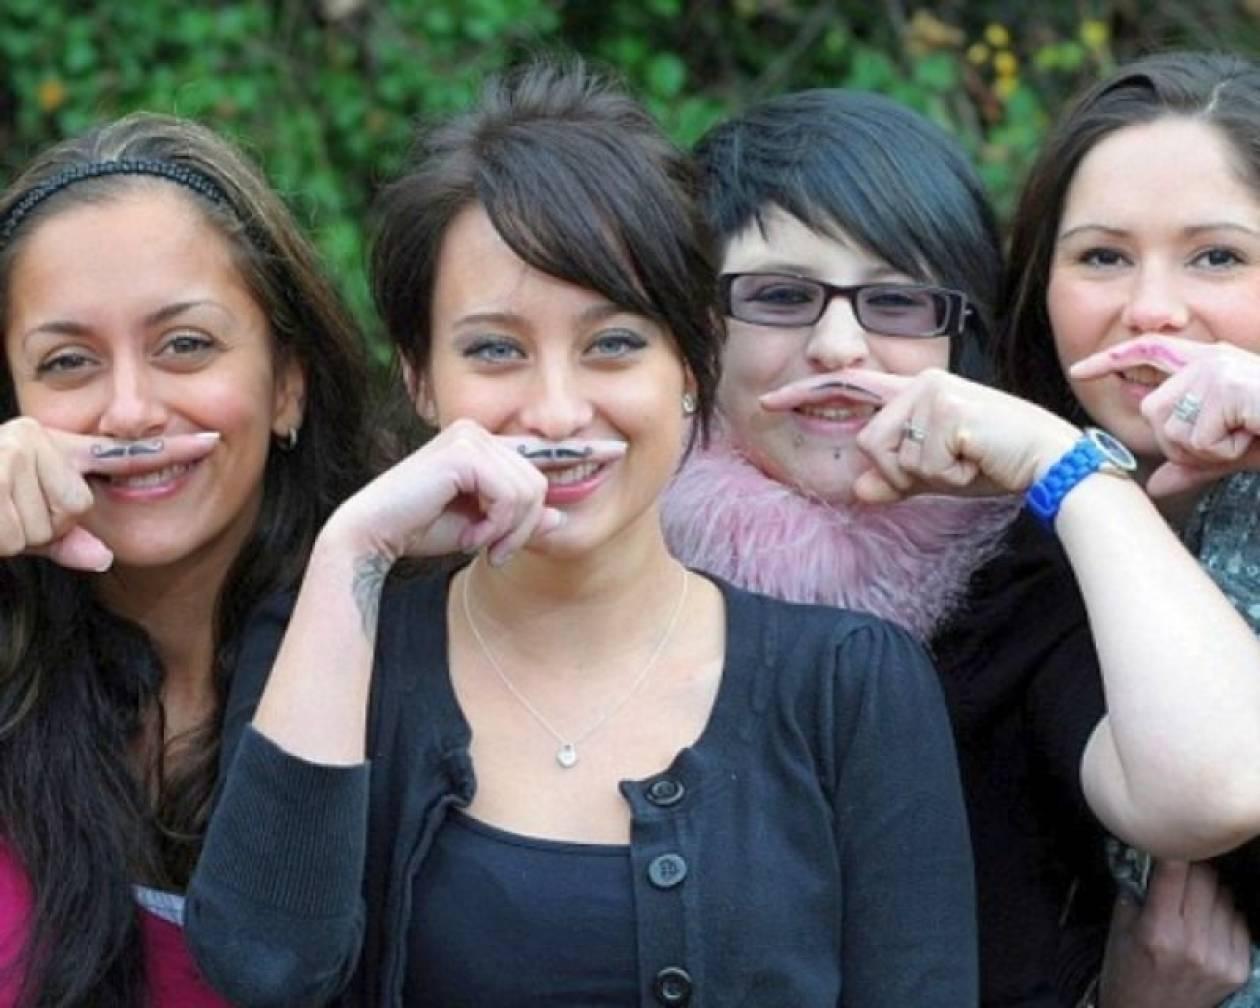 Γιατί οι γυναίκες... αφήνουν μουστάκι;